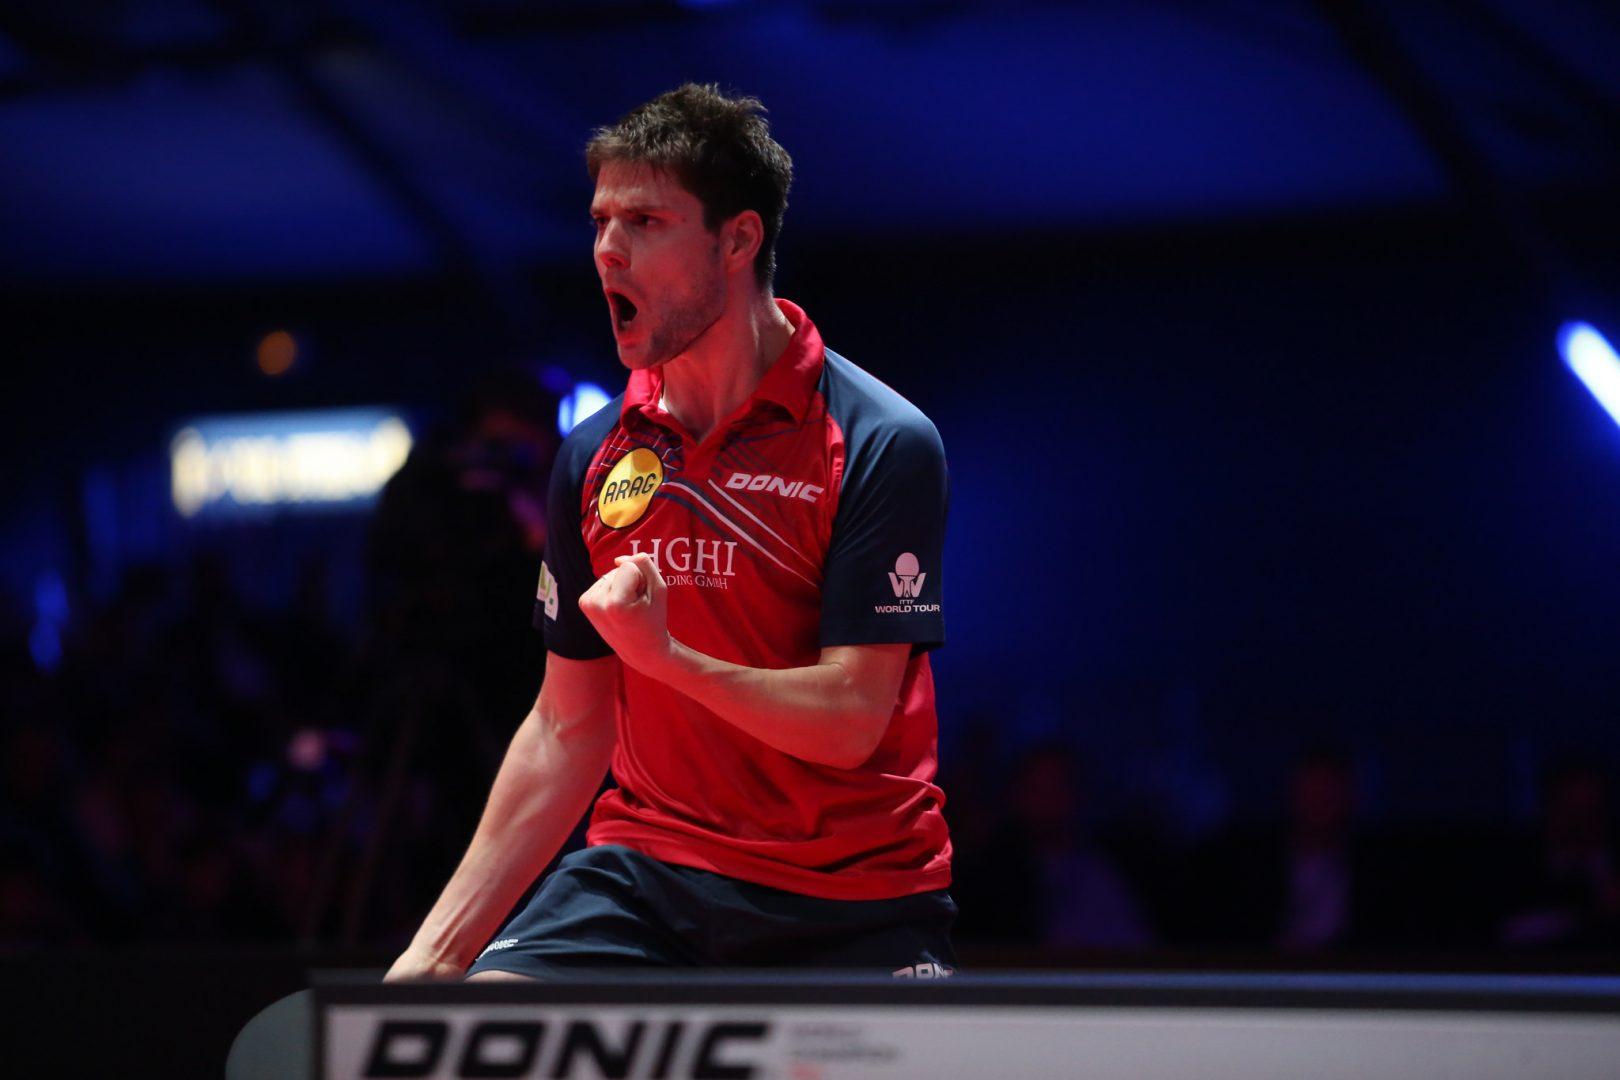 【卓球】独エース・オフチャロフ、中国超級リーグへの挑戦を表明